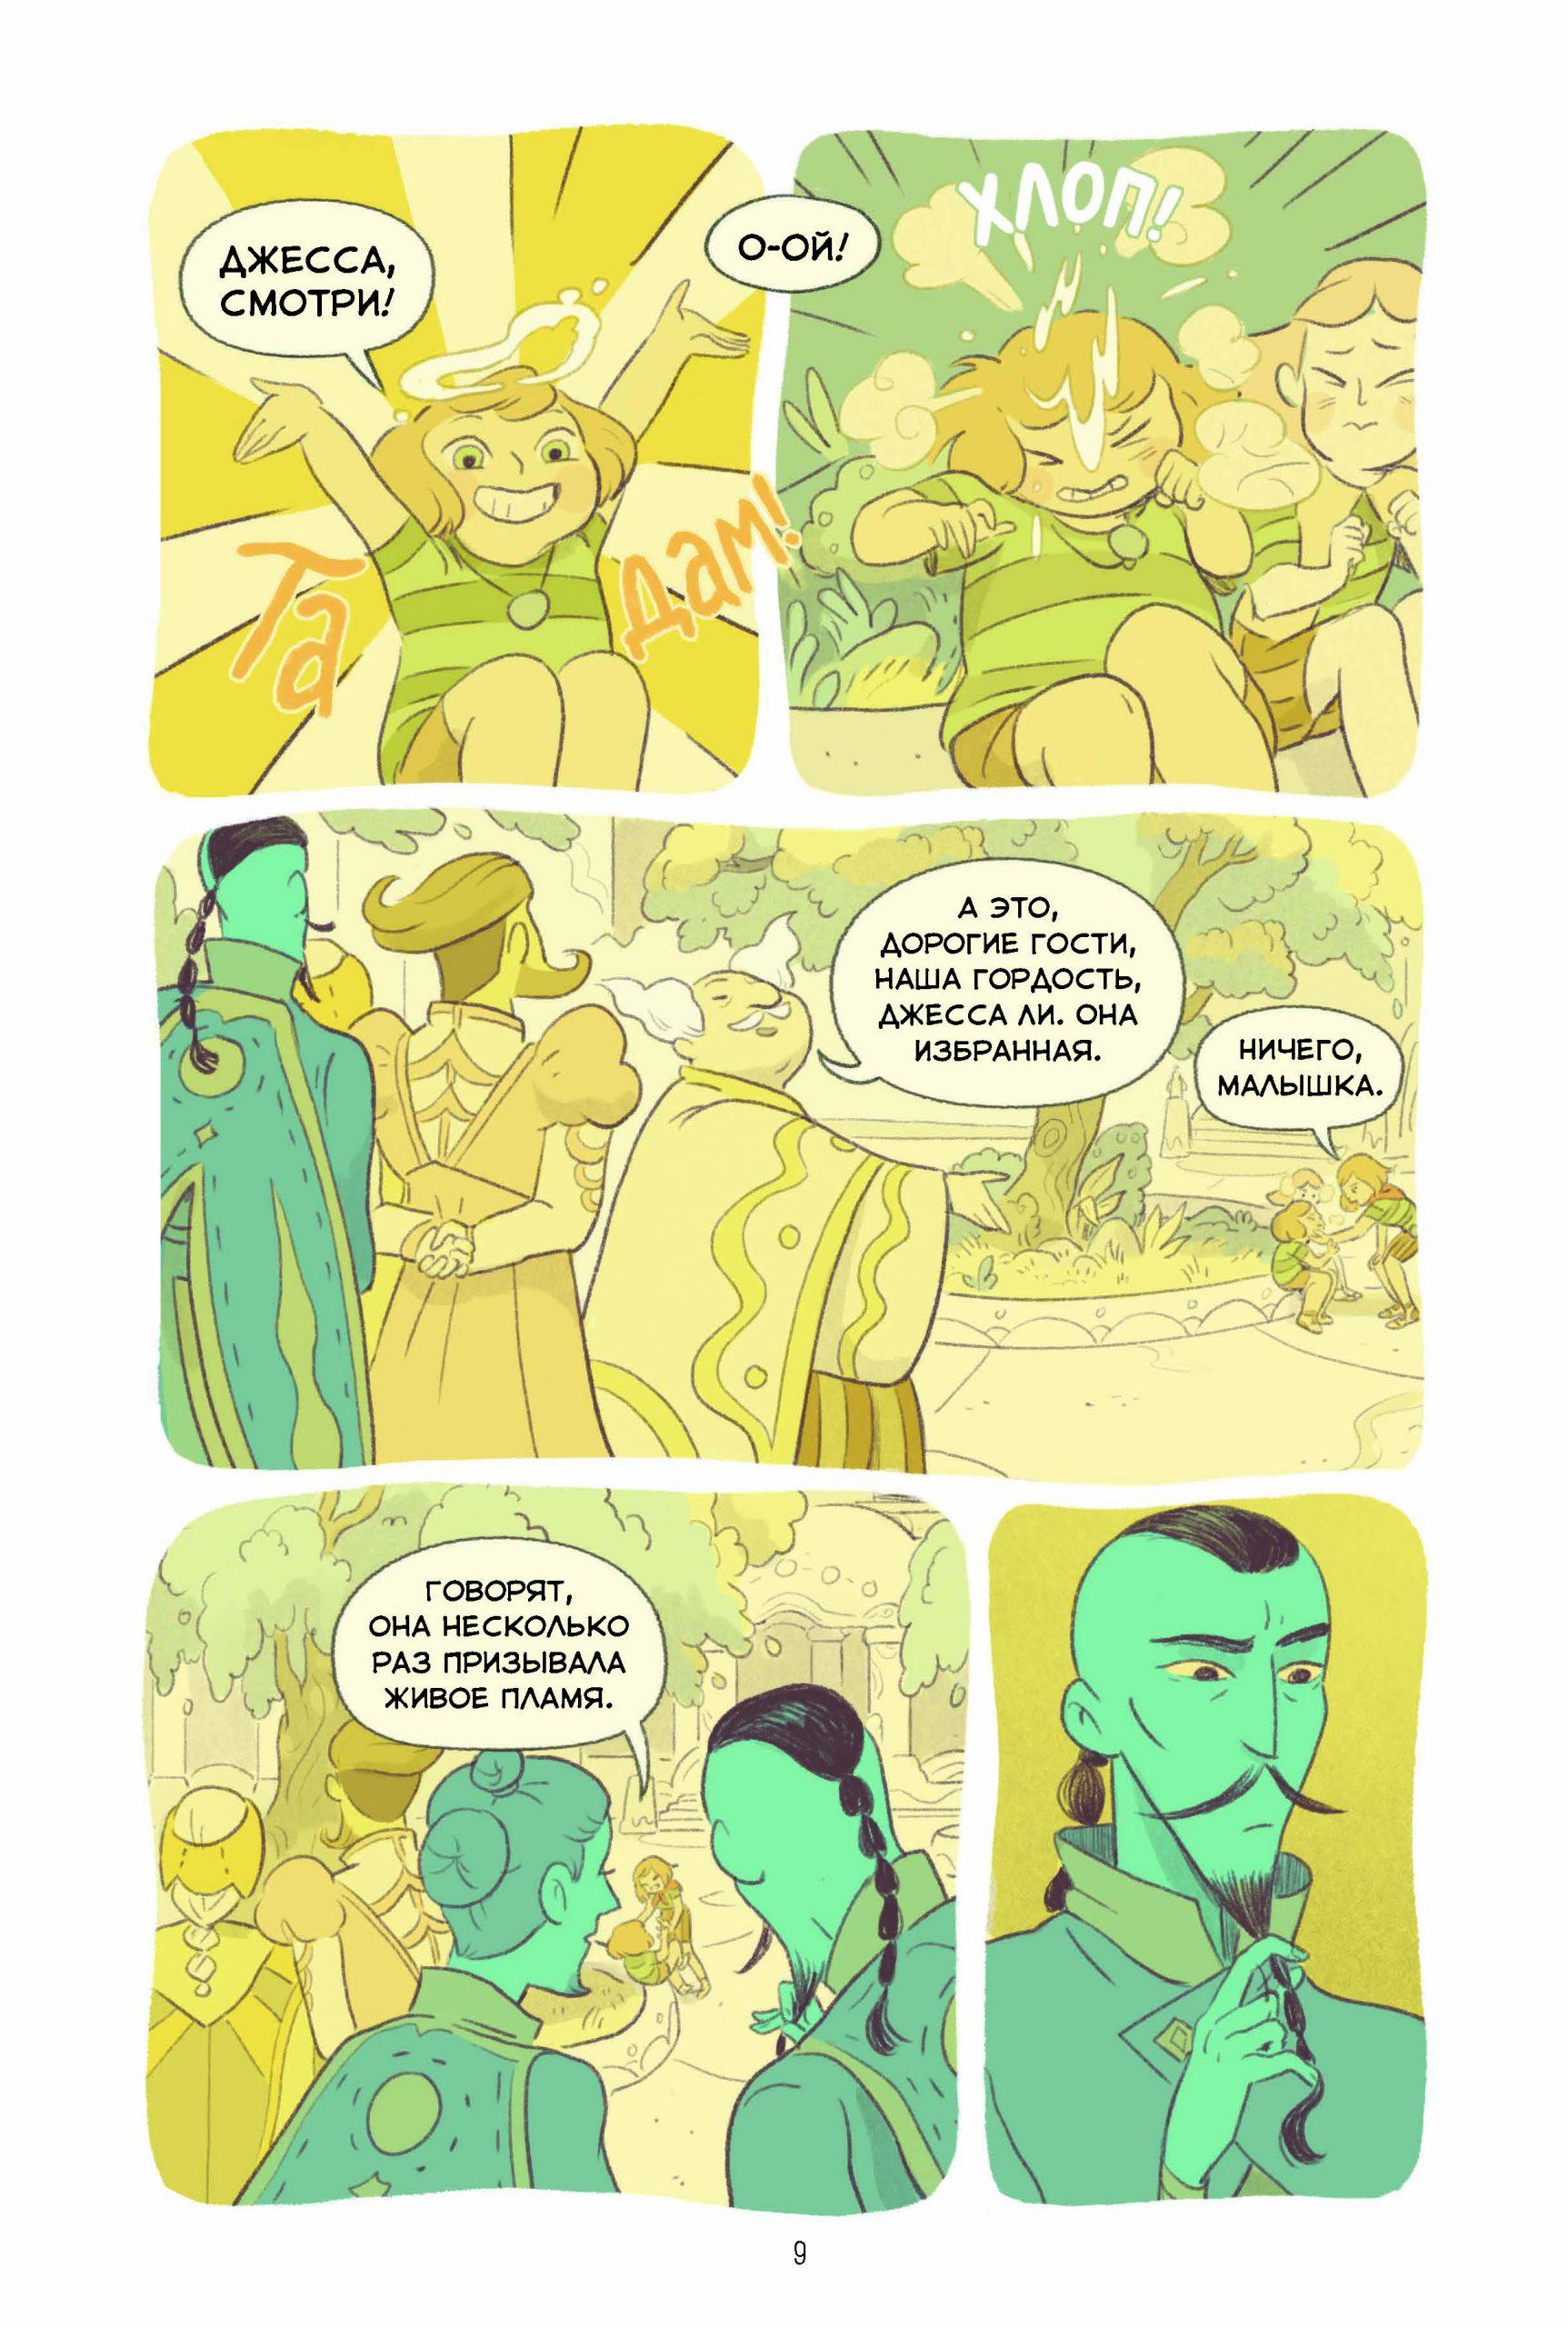 Пять миров. Том 2. Принц Кобальта. Отрывок из комикса 5